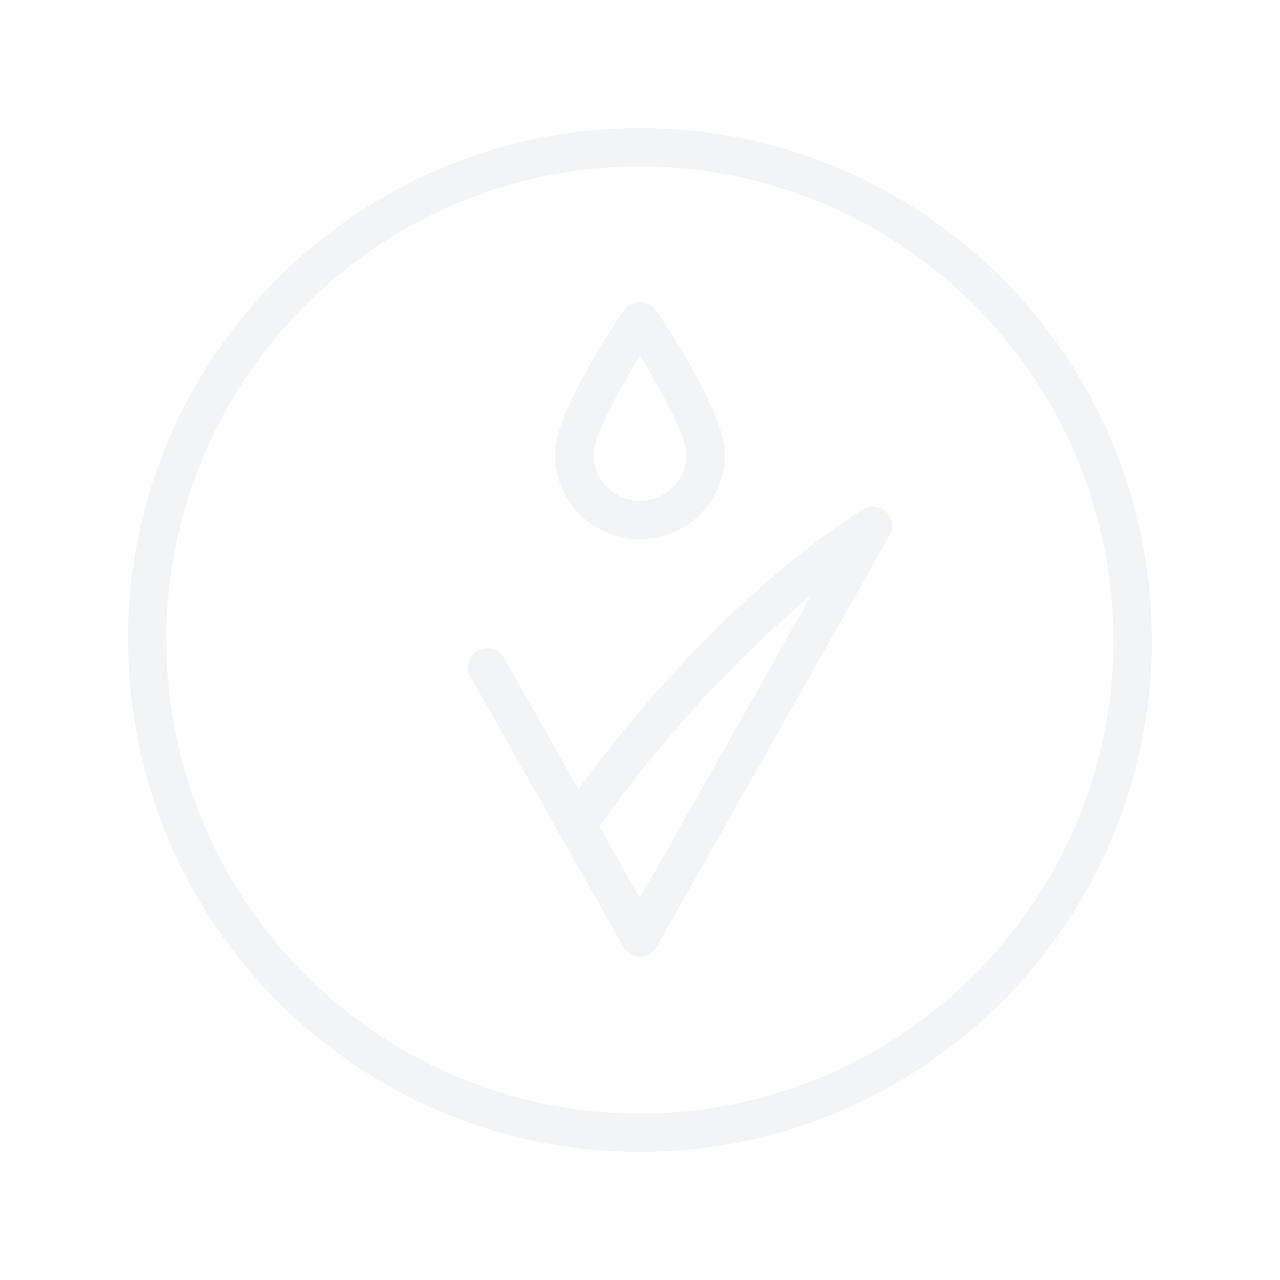 JOICO Vero K-Pak Color Intensity Metallic Pewter 118ml